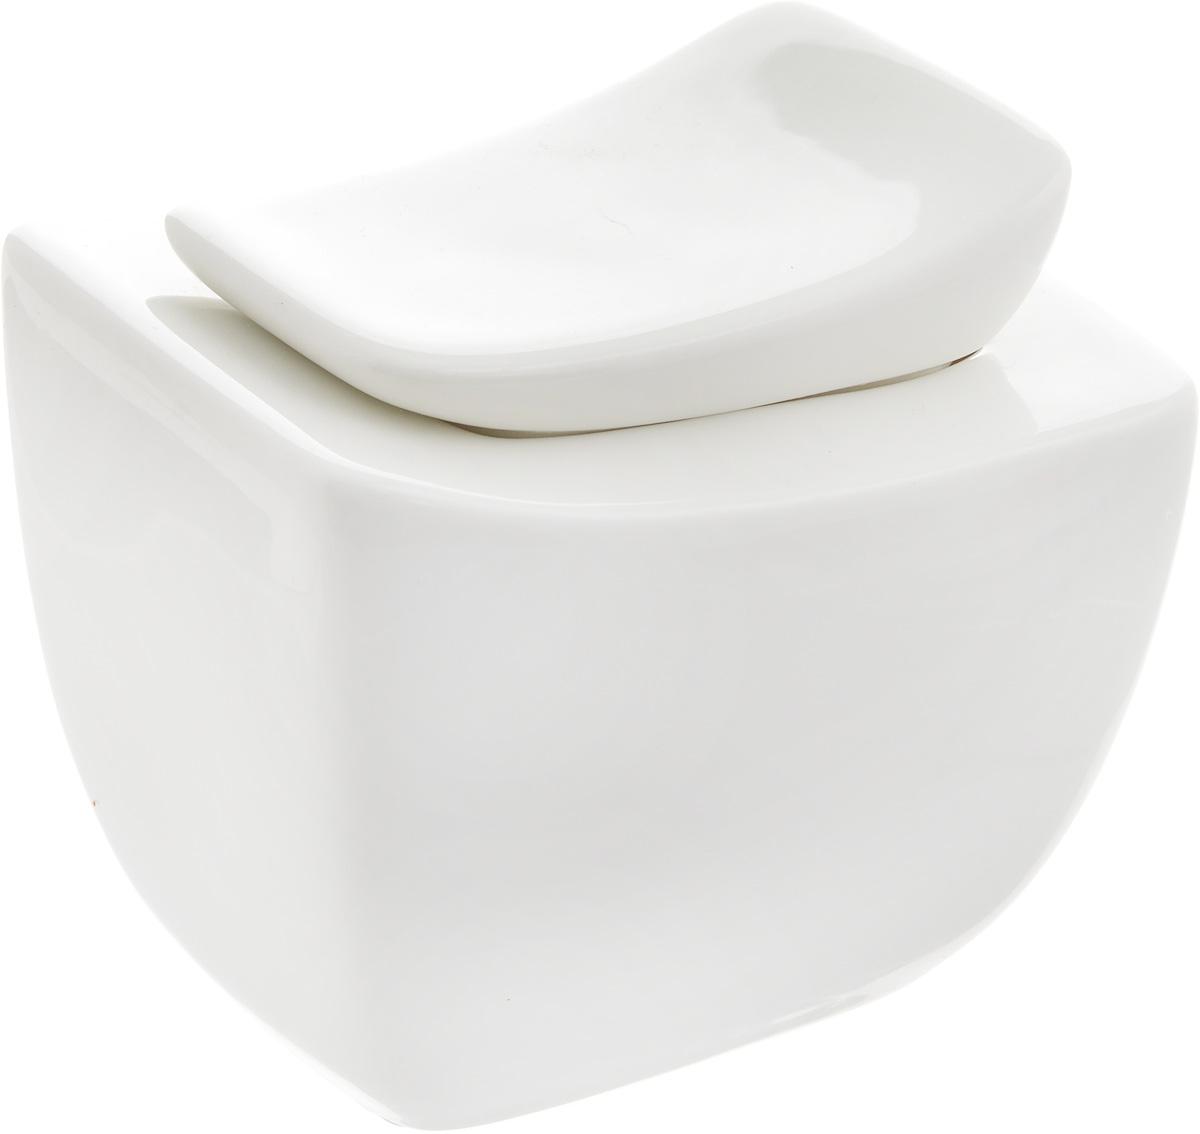 Сахарница Ariane Rectangle, 270 млAVRARN66027Сахарница Ariane Rectangle выполнена из высококачественного фарфора с глазурованным покрытием. Изделие имеет элегантную форму и может использоваться в качестве креманки. Десерт, поданный в такой посуде, будет ещё более сладким. Сахарница Ariane Rectangle станет отличным дополнением к сервировке семейного стола и замечательным подарком для ваших родных и друзей.Можно мыть в посудомоечной машине и использовать в микроволновой печи.